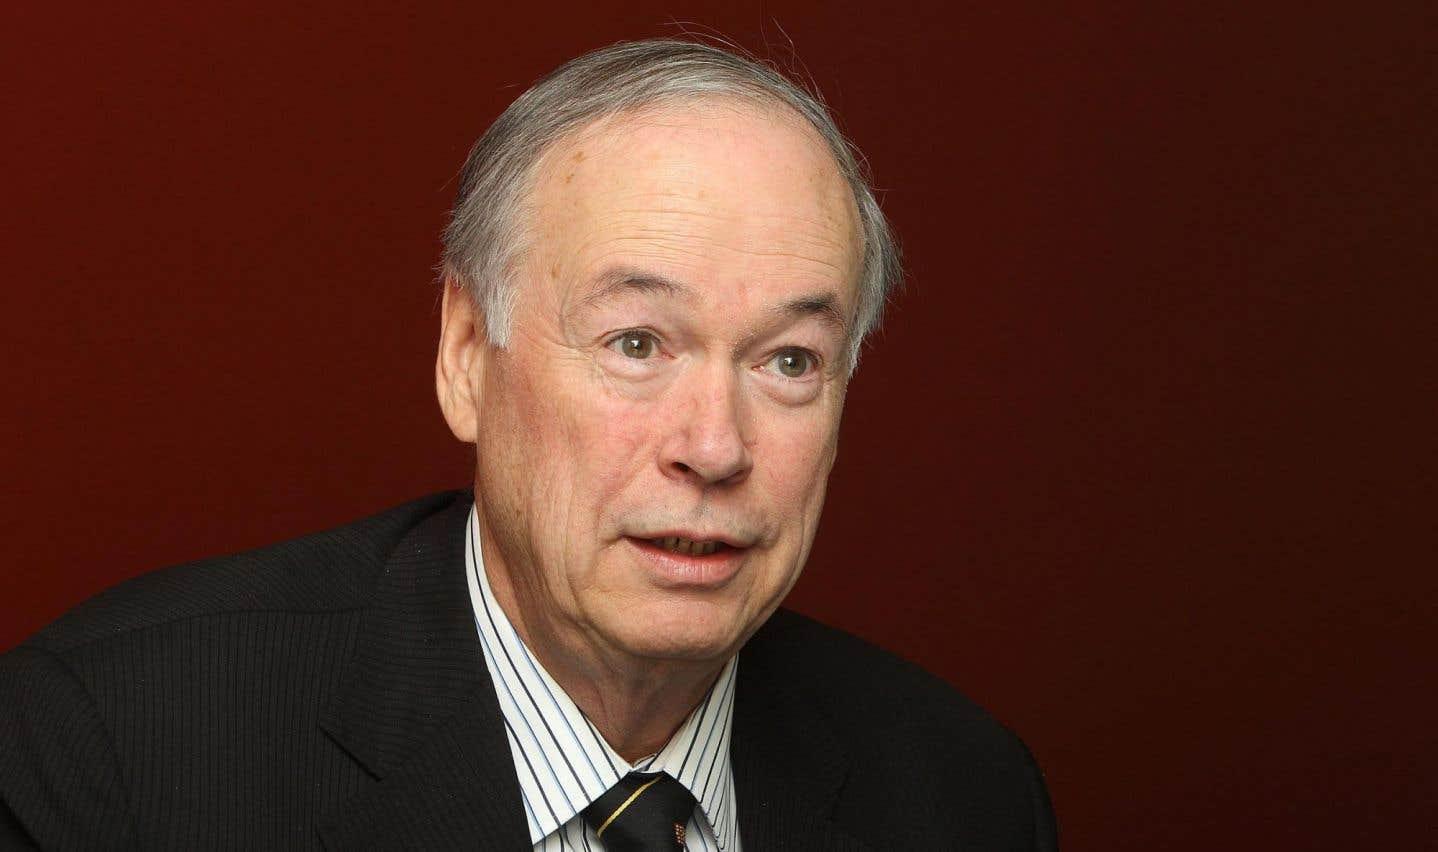 Critiqué, le recteur de l'Université Laval  défend son silence